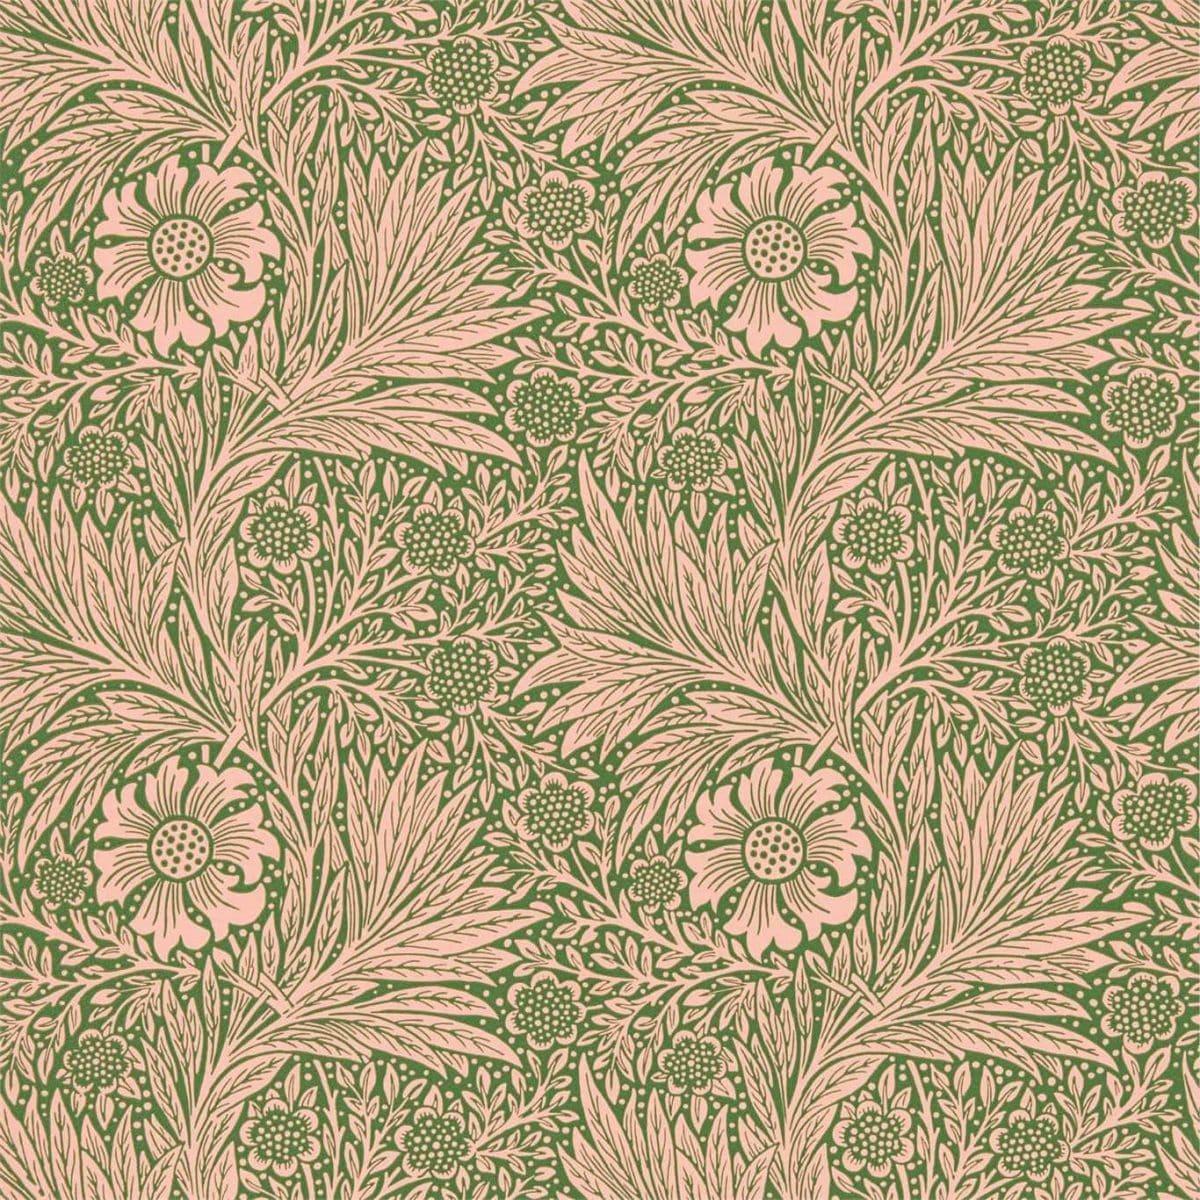 Morris & Co Tapet Marigold Pink / Olive